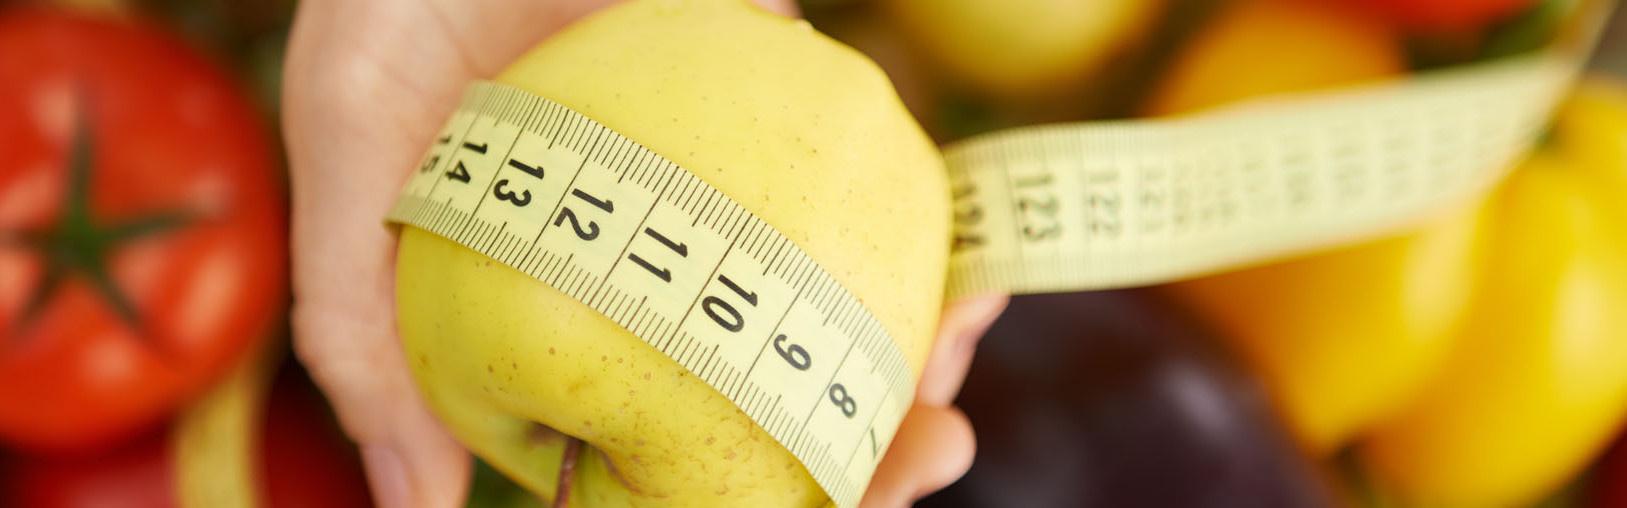 Taller de nutrició